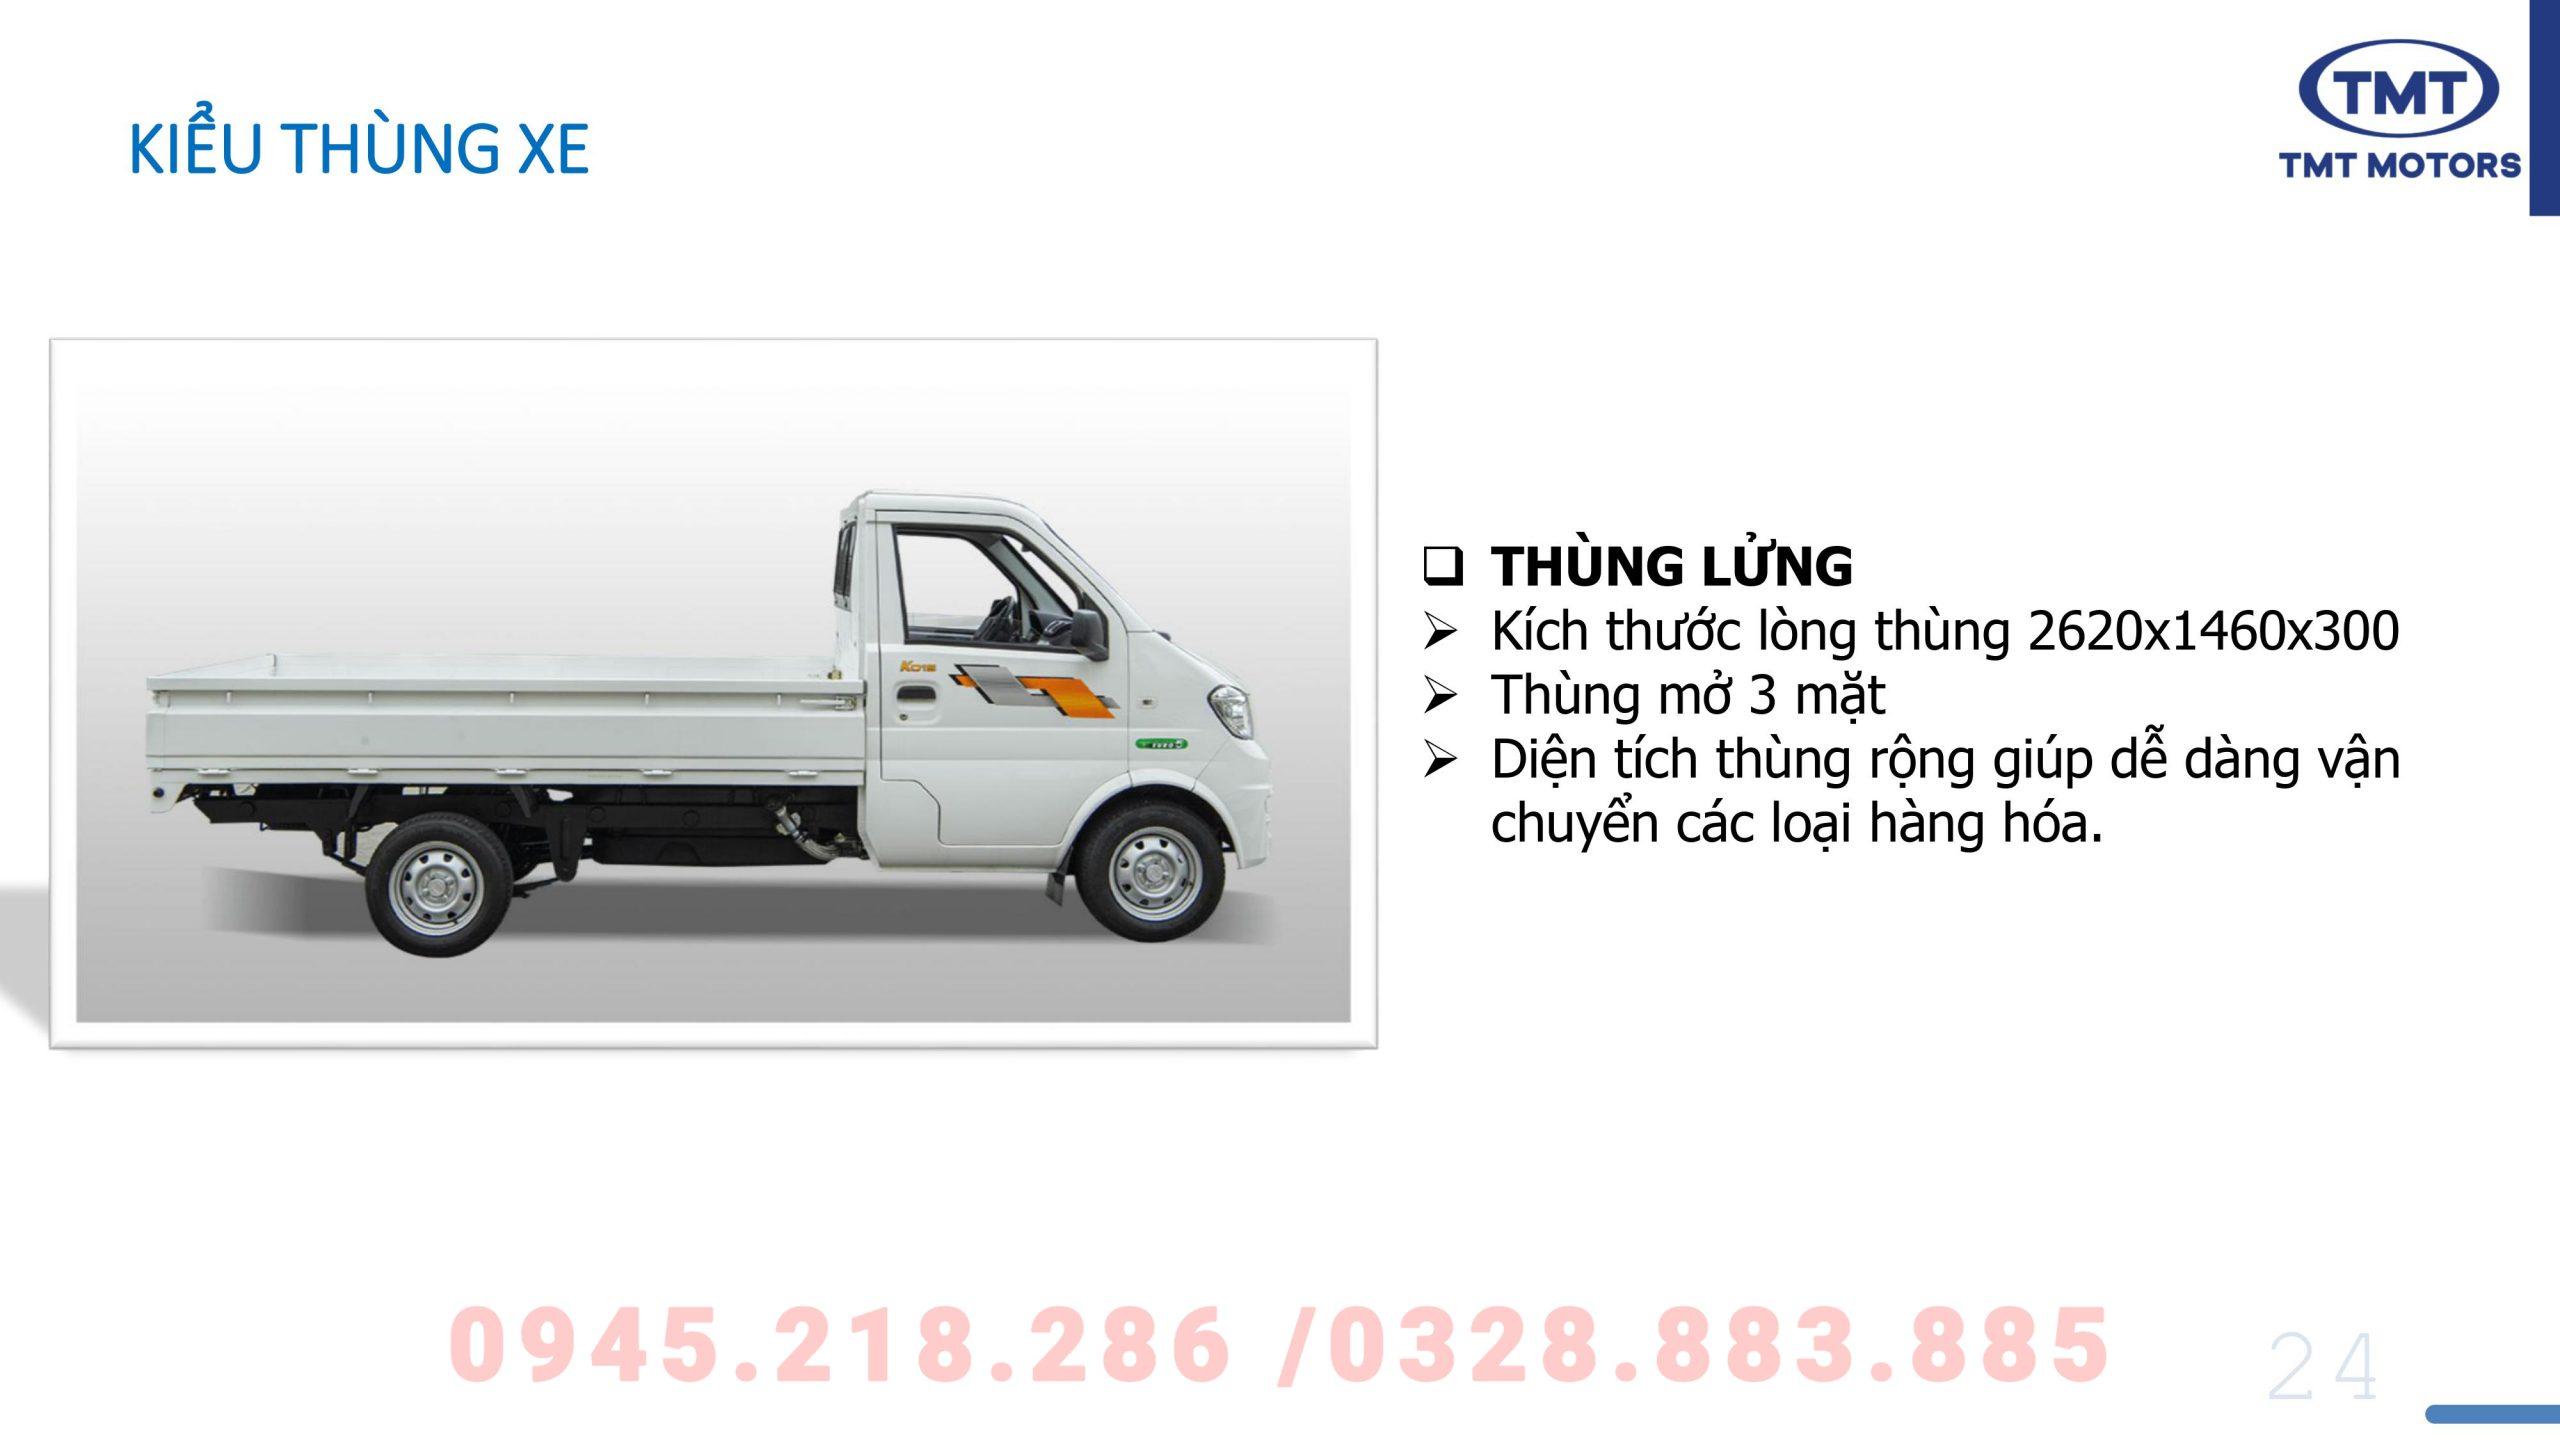 Giá xe tmt k01s thùng lửng